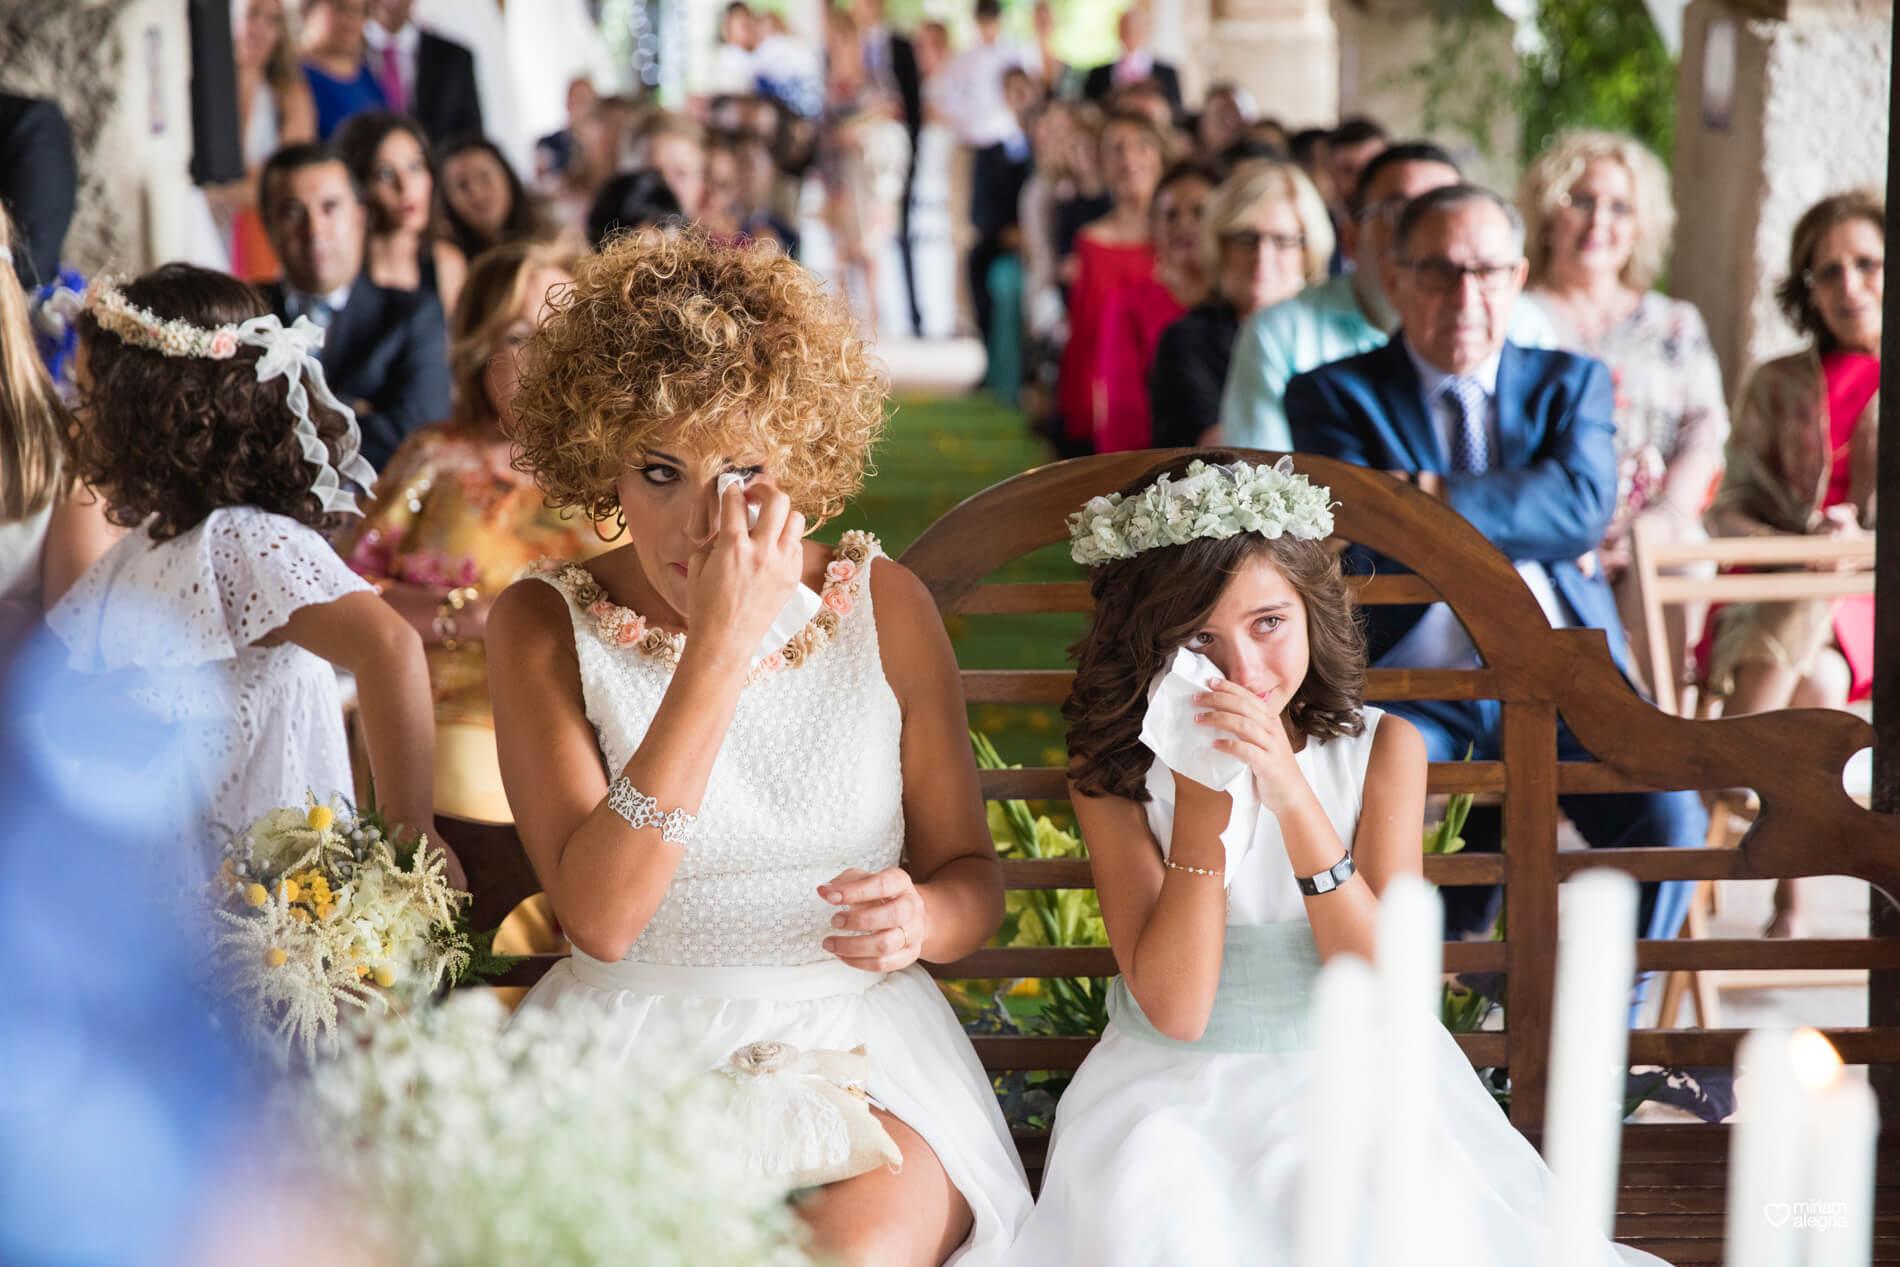 boda-en-finca-la-carrasca-miriam-alegria-71